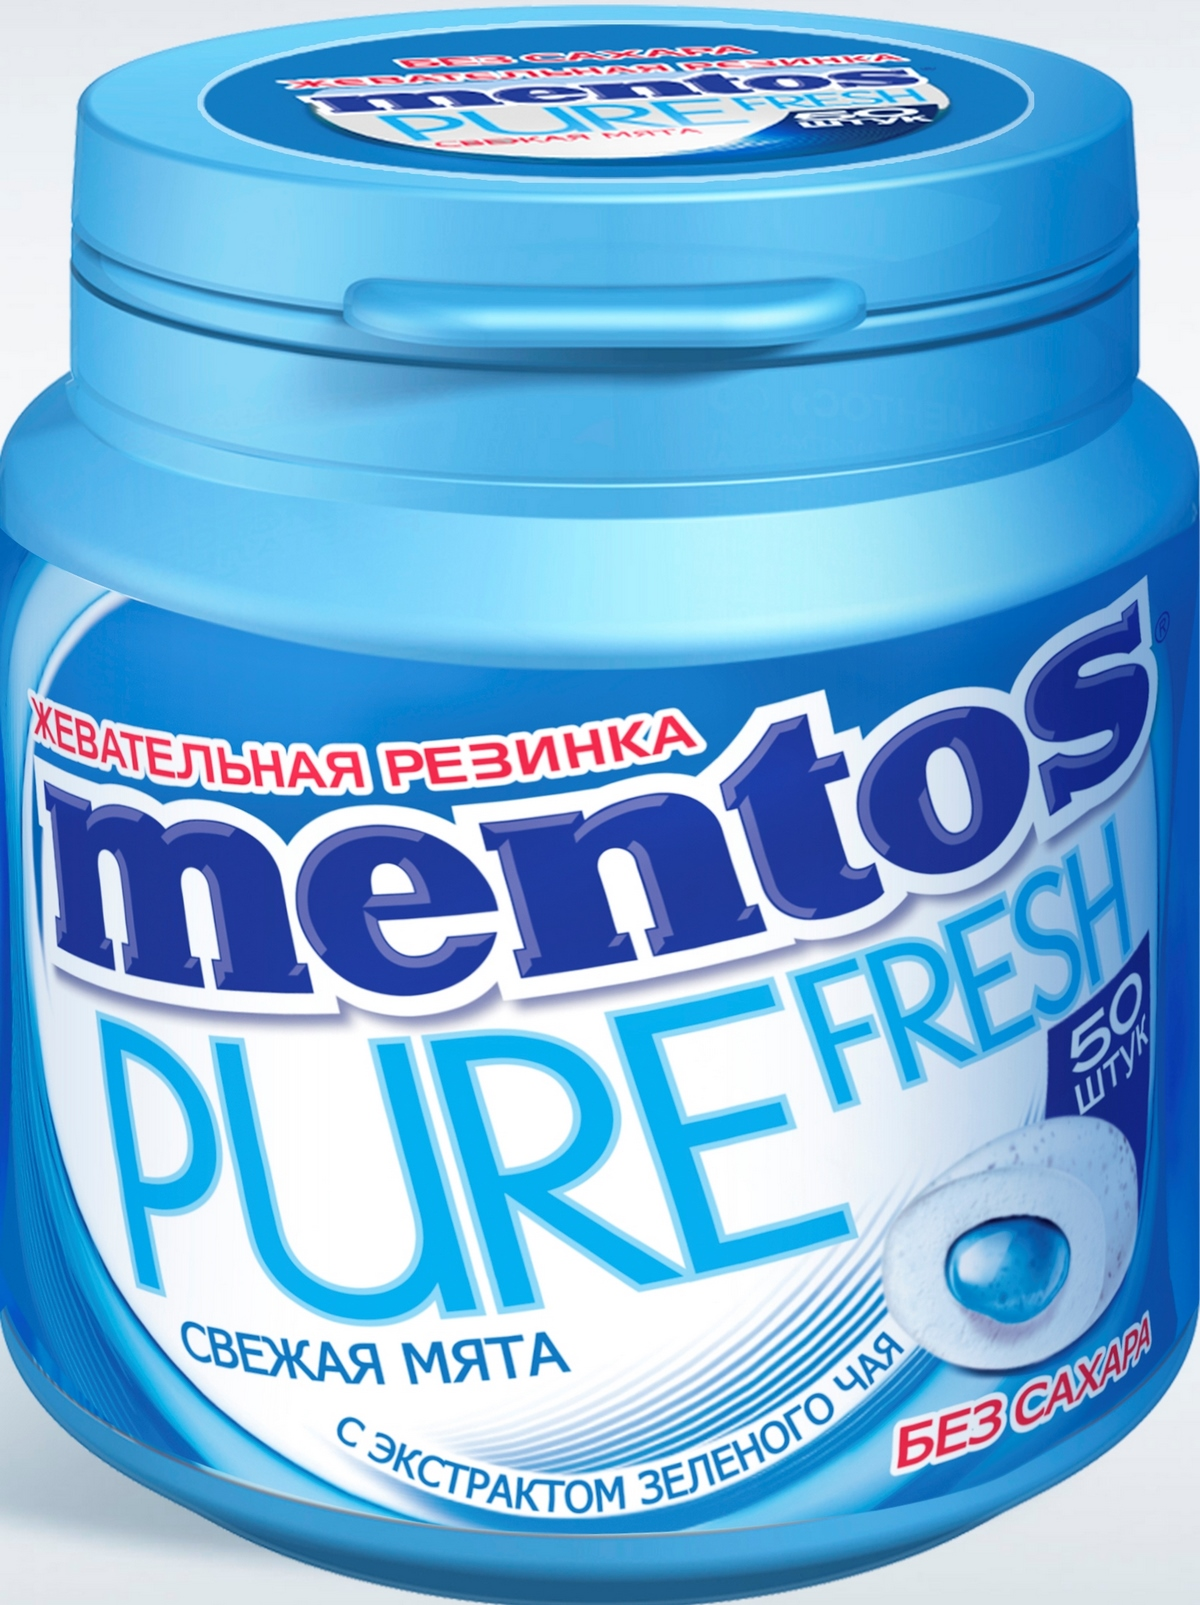 Жевательная резинка Свежая мята Ментос